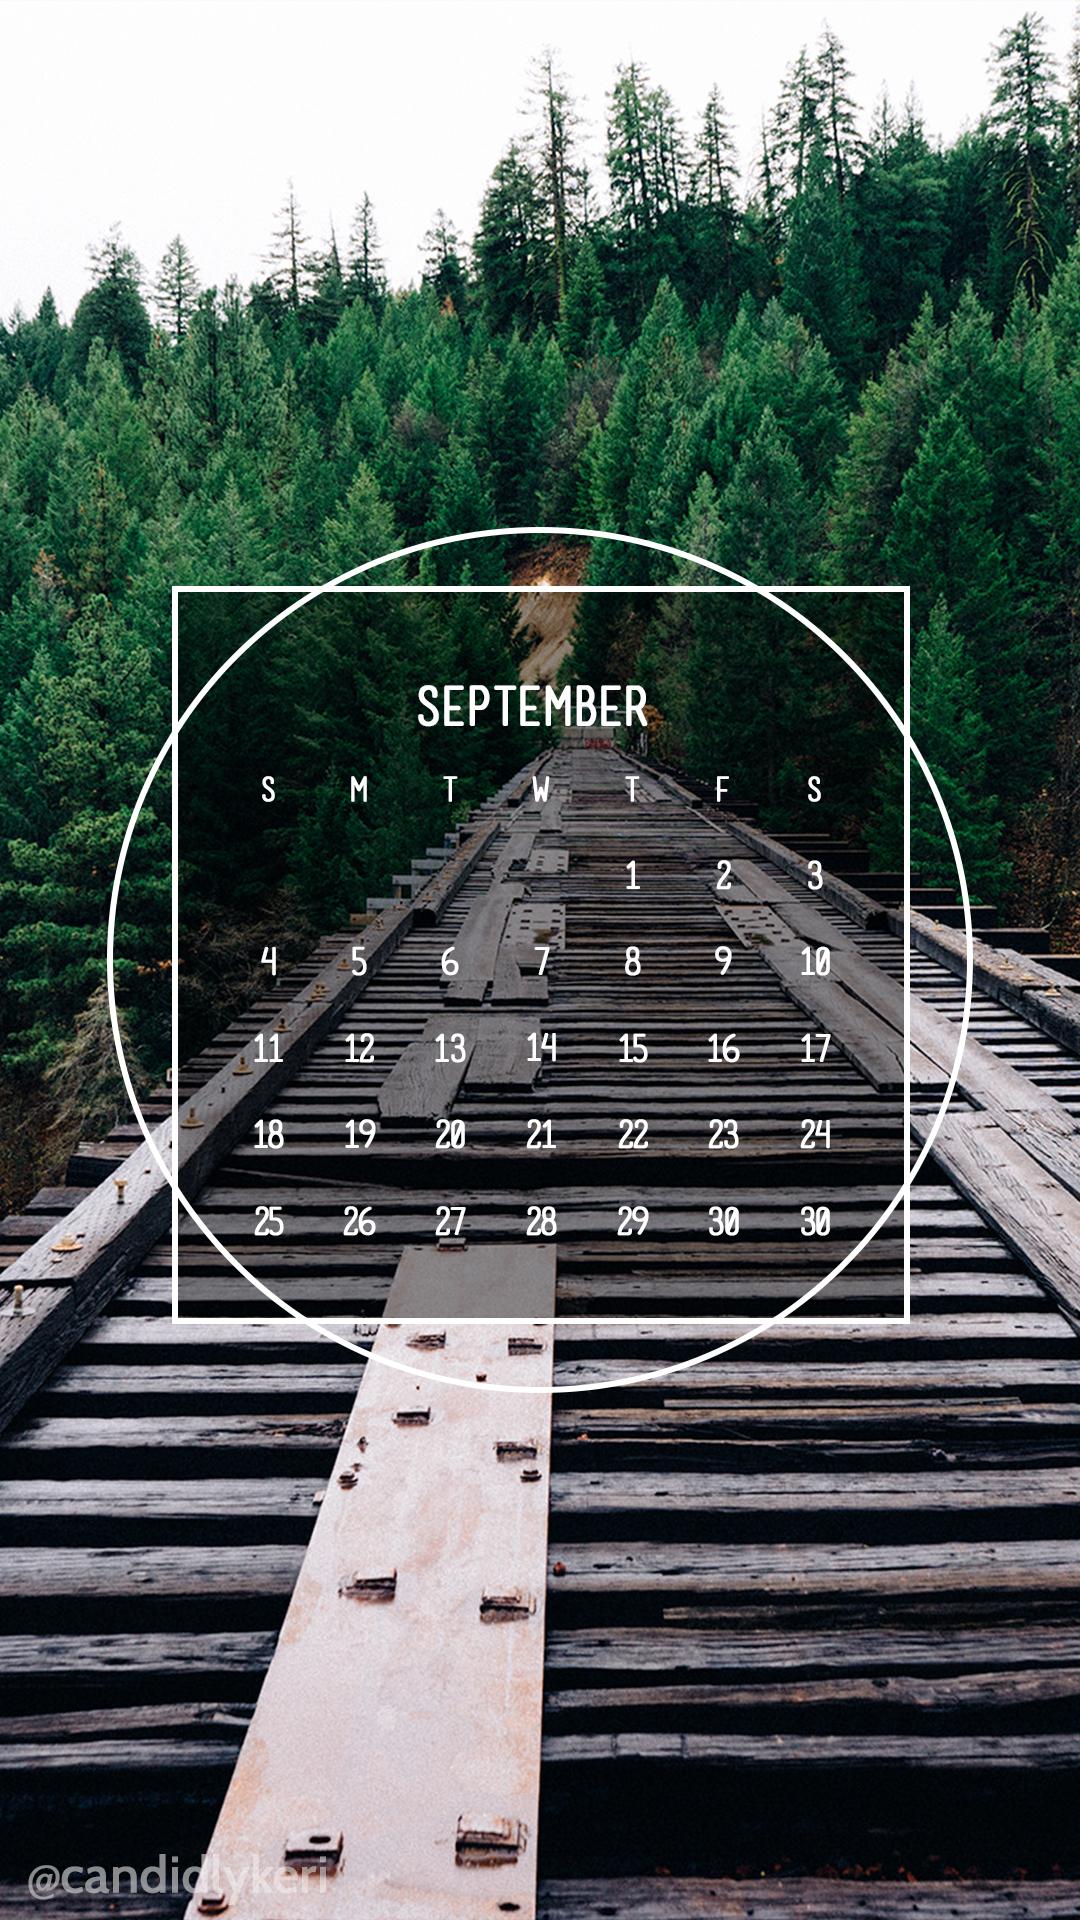 September7M